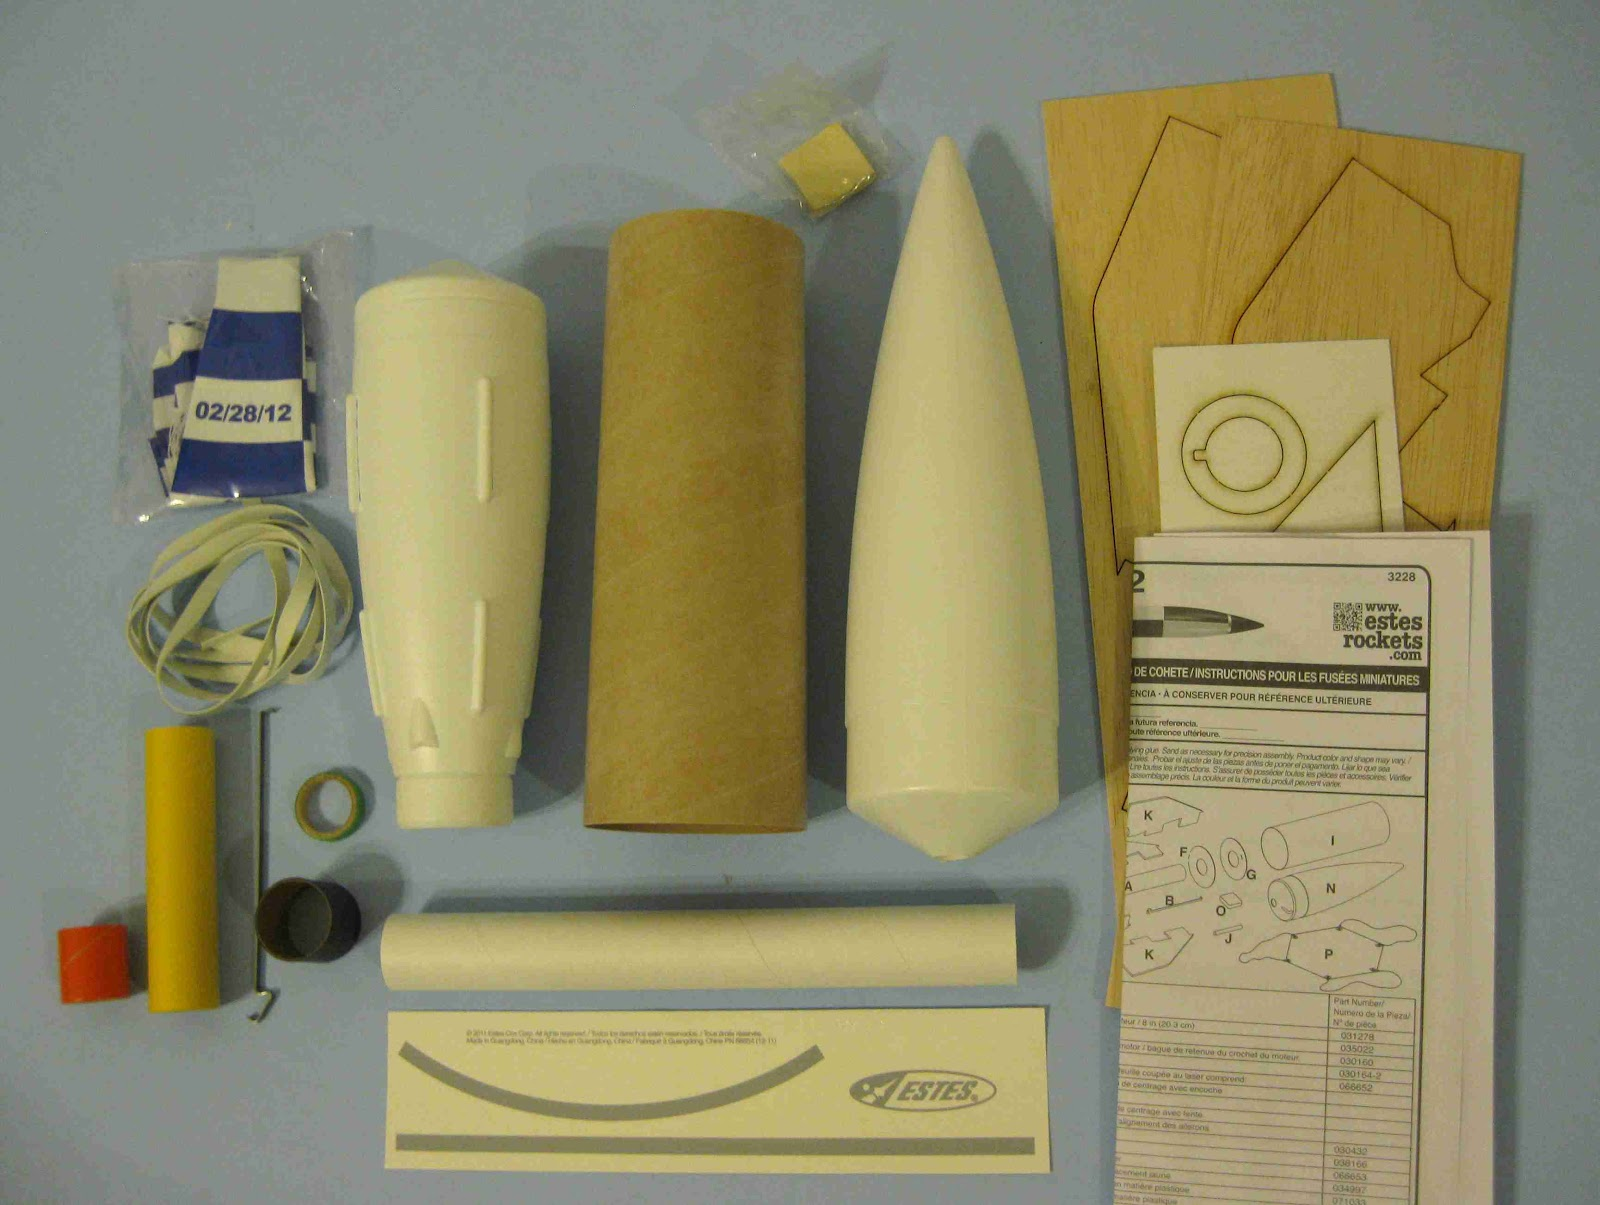 Estes Flying Model Rocket Kit V2   3228